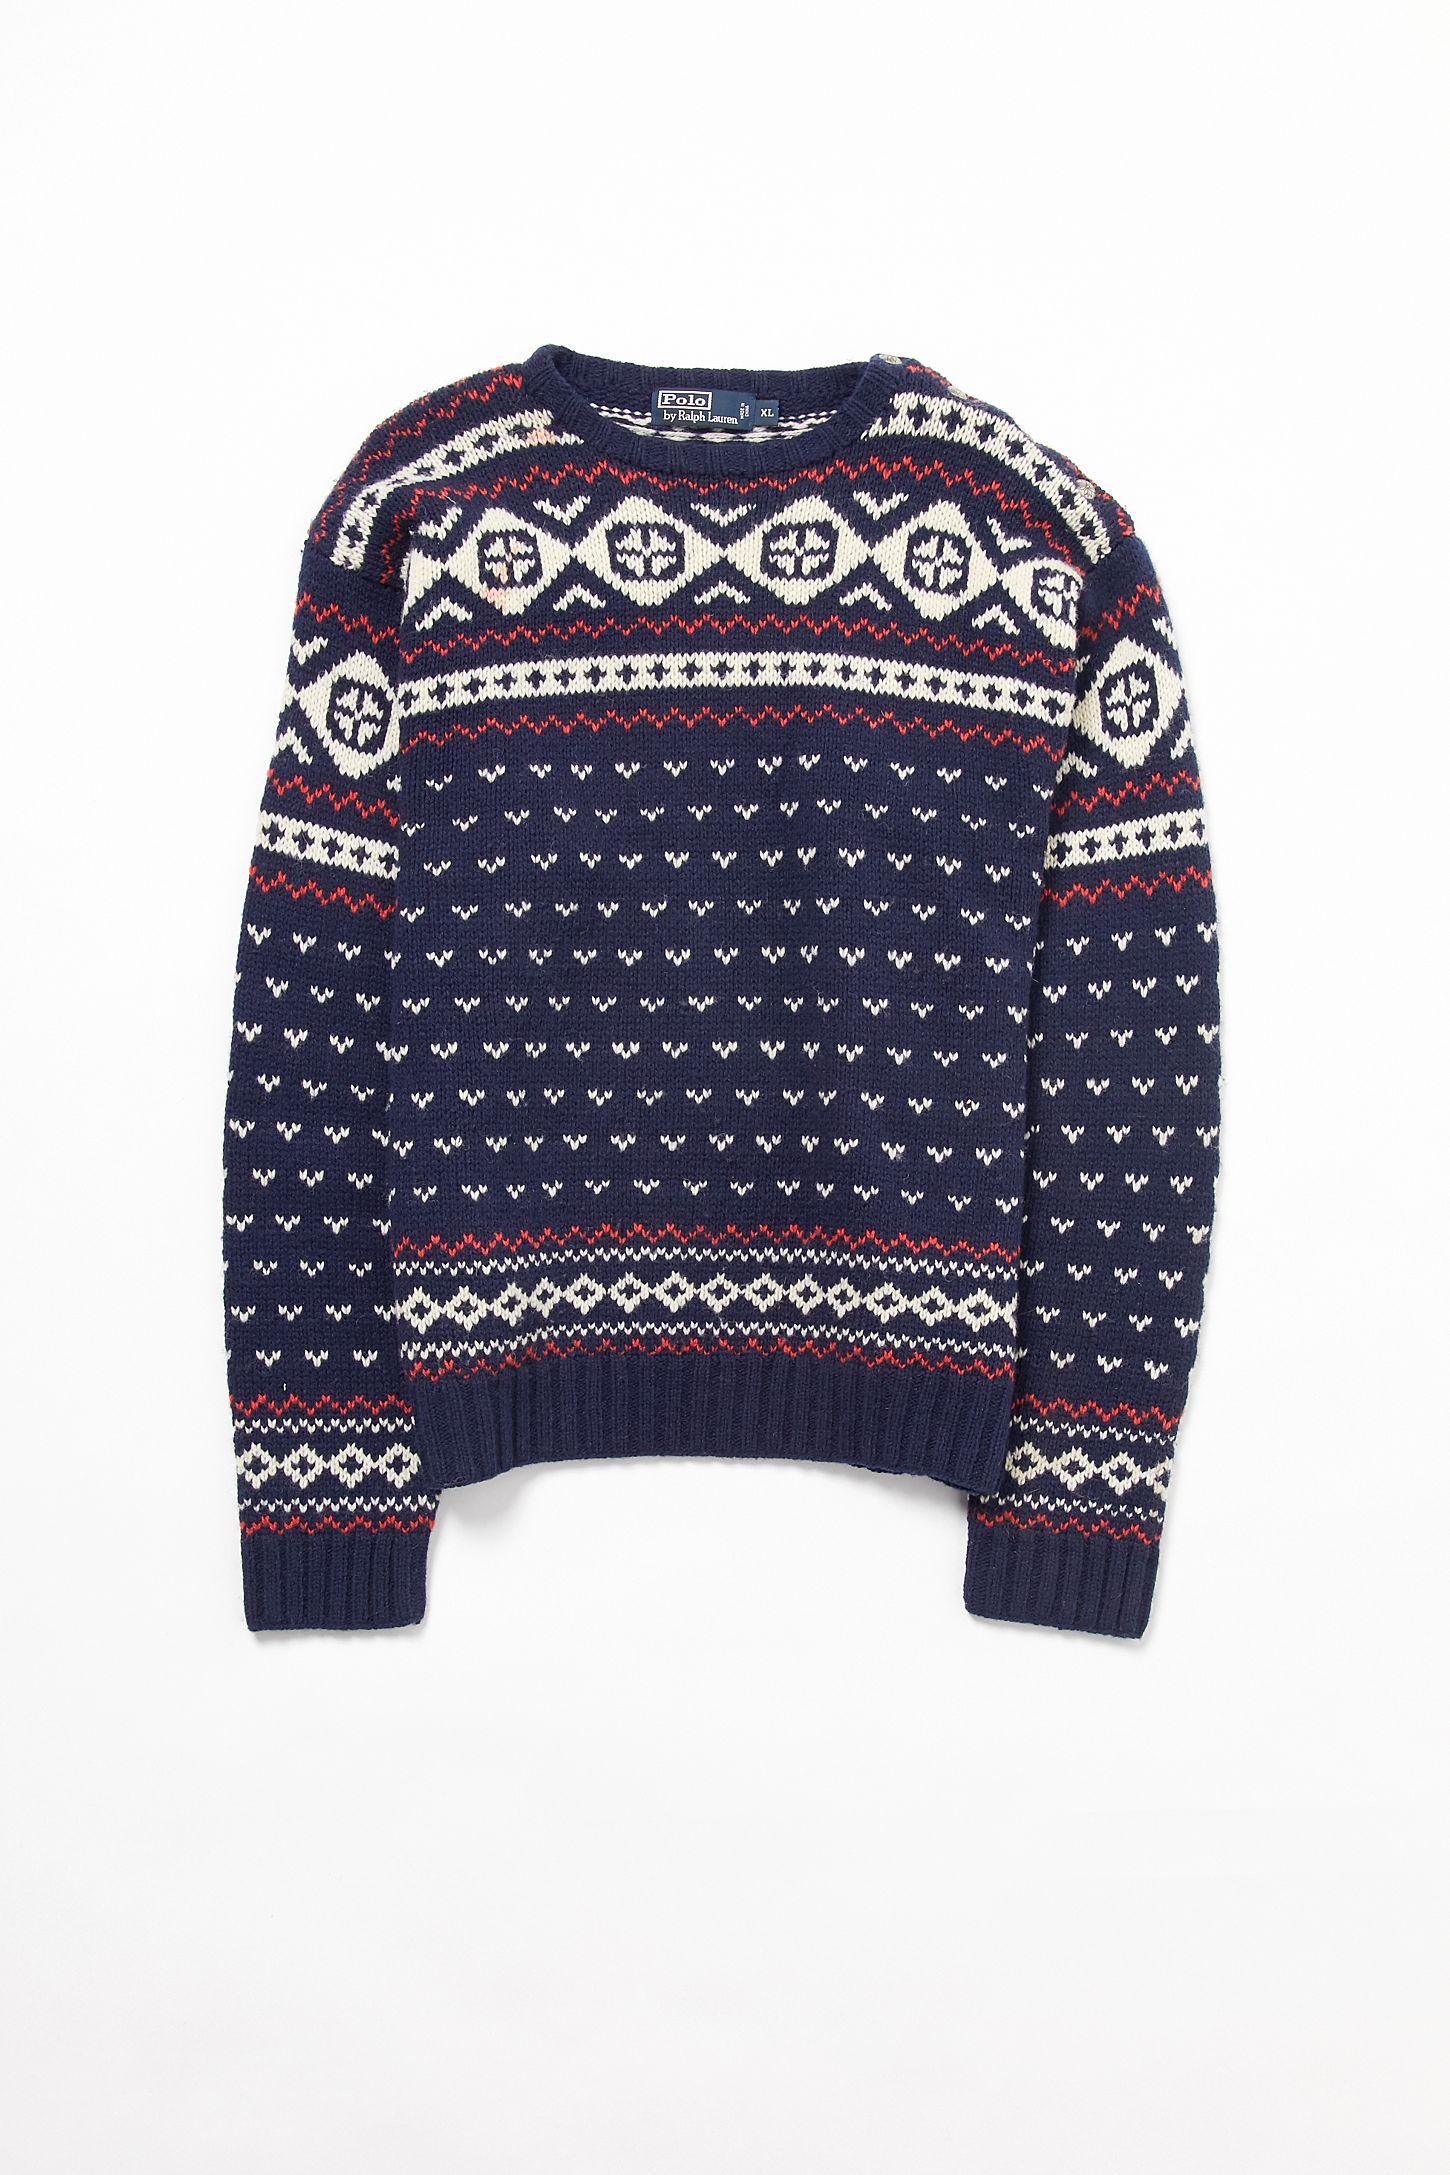 1a9802350 Vintage Polo Ralph Lauren Fair Isle Sweater